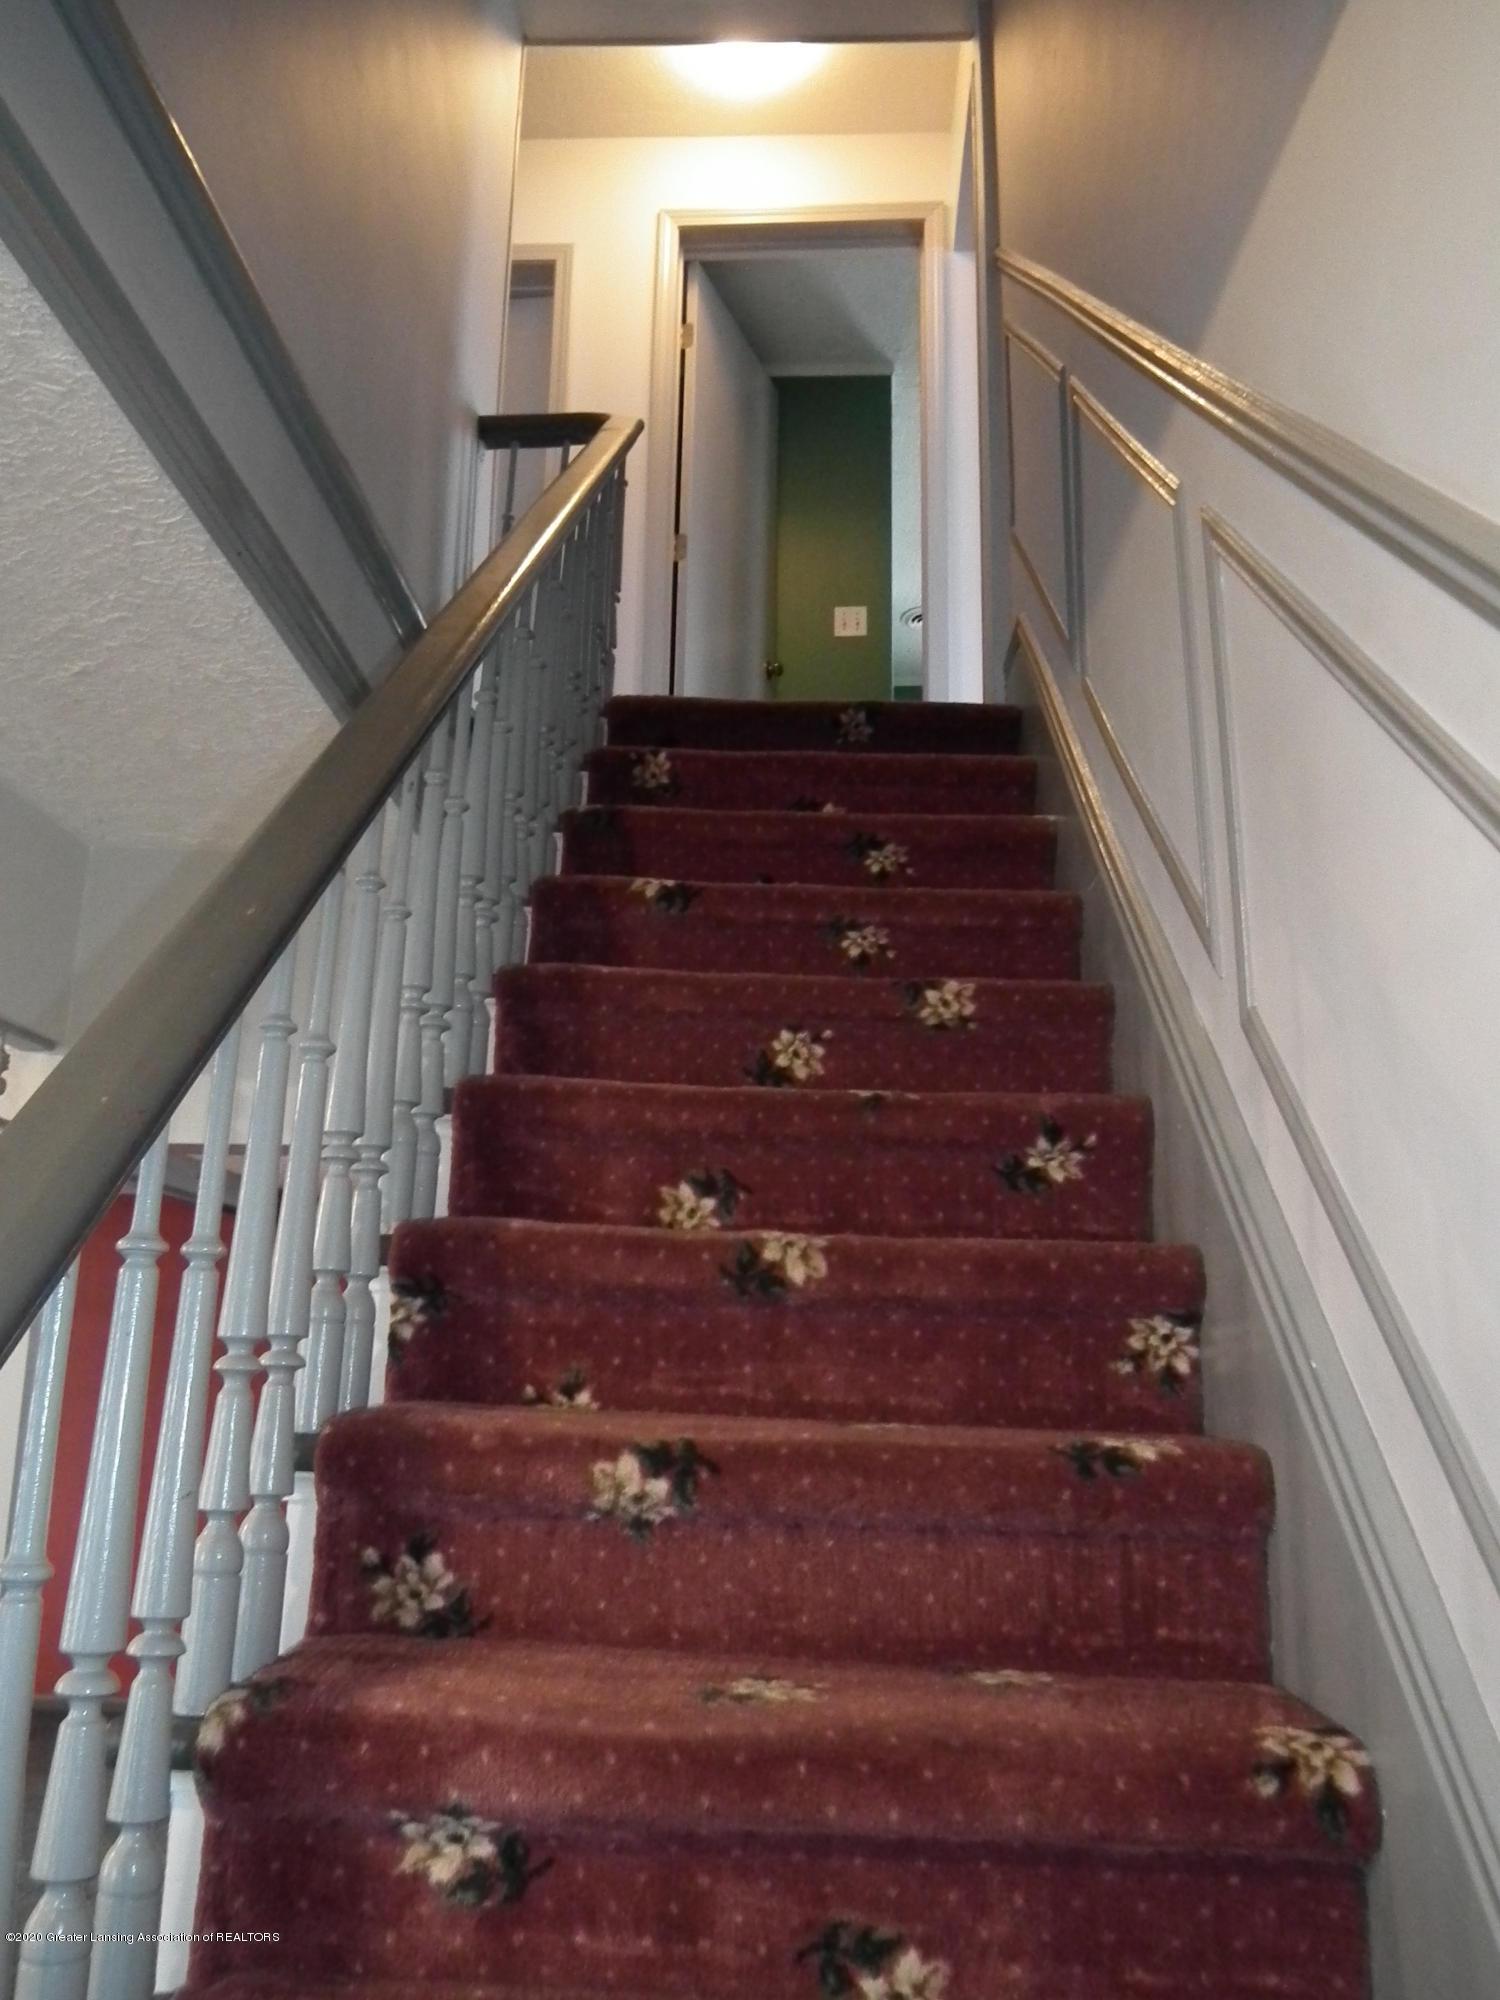 209 N Church St - 209 N. Church, Stairs to 2nd level - 17